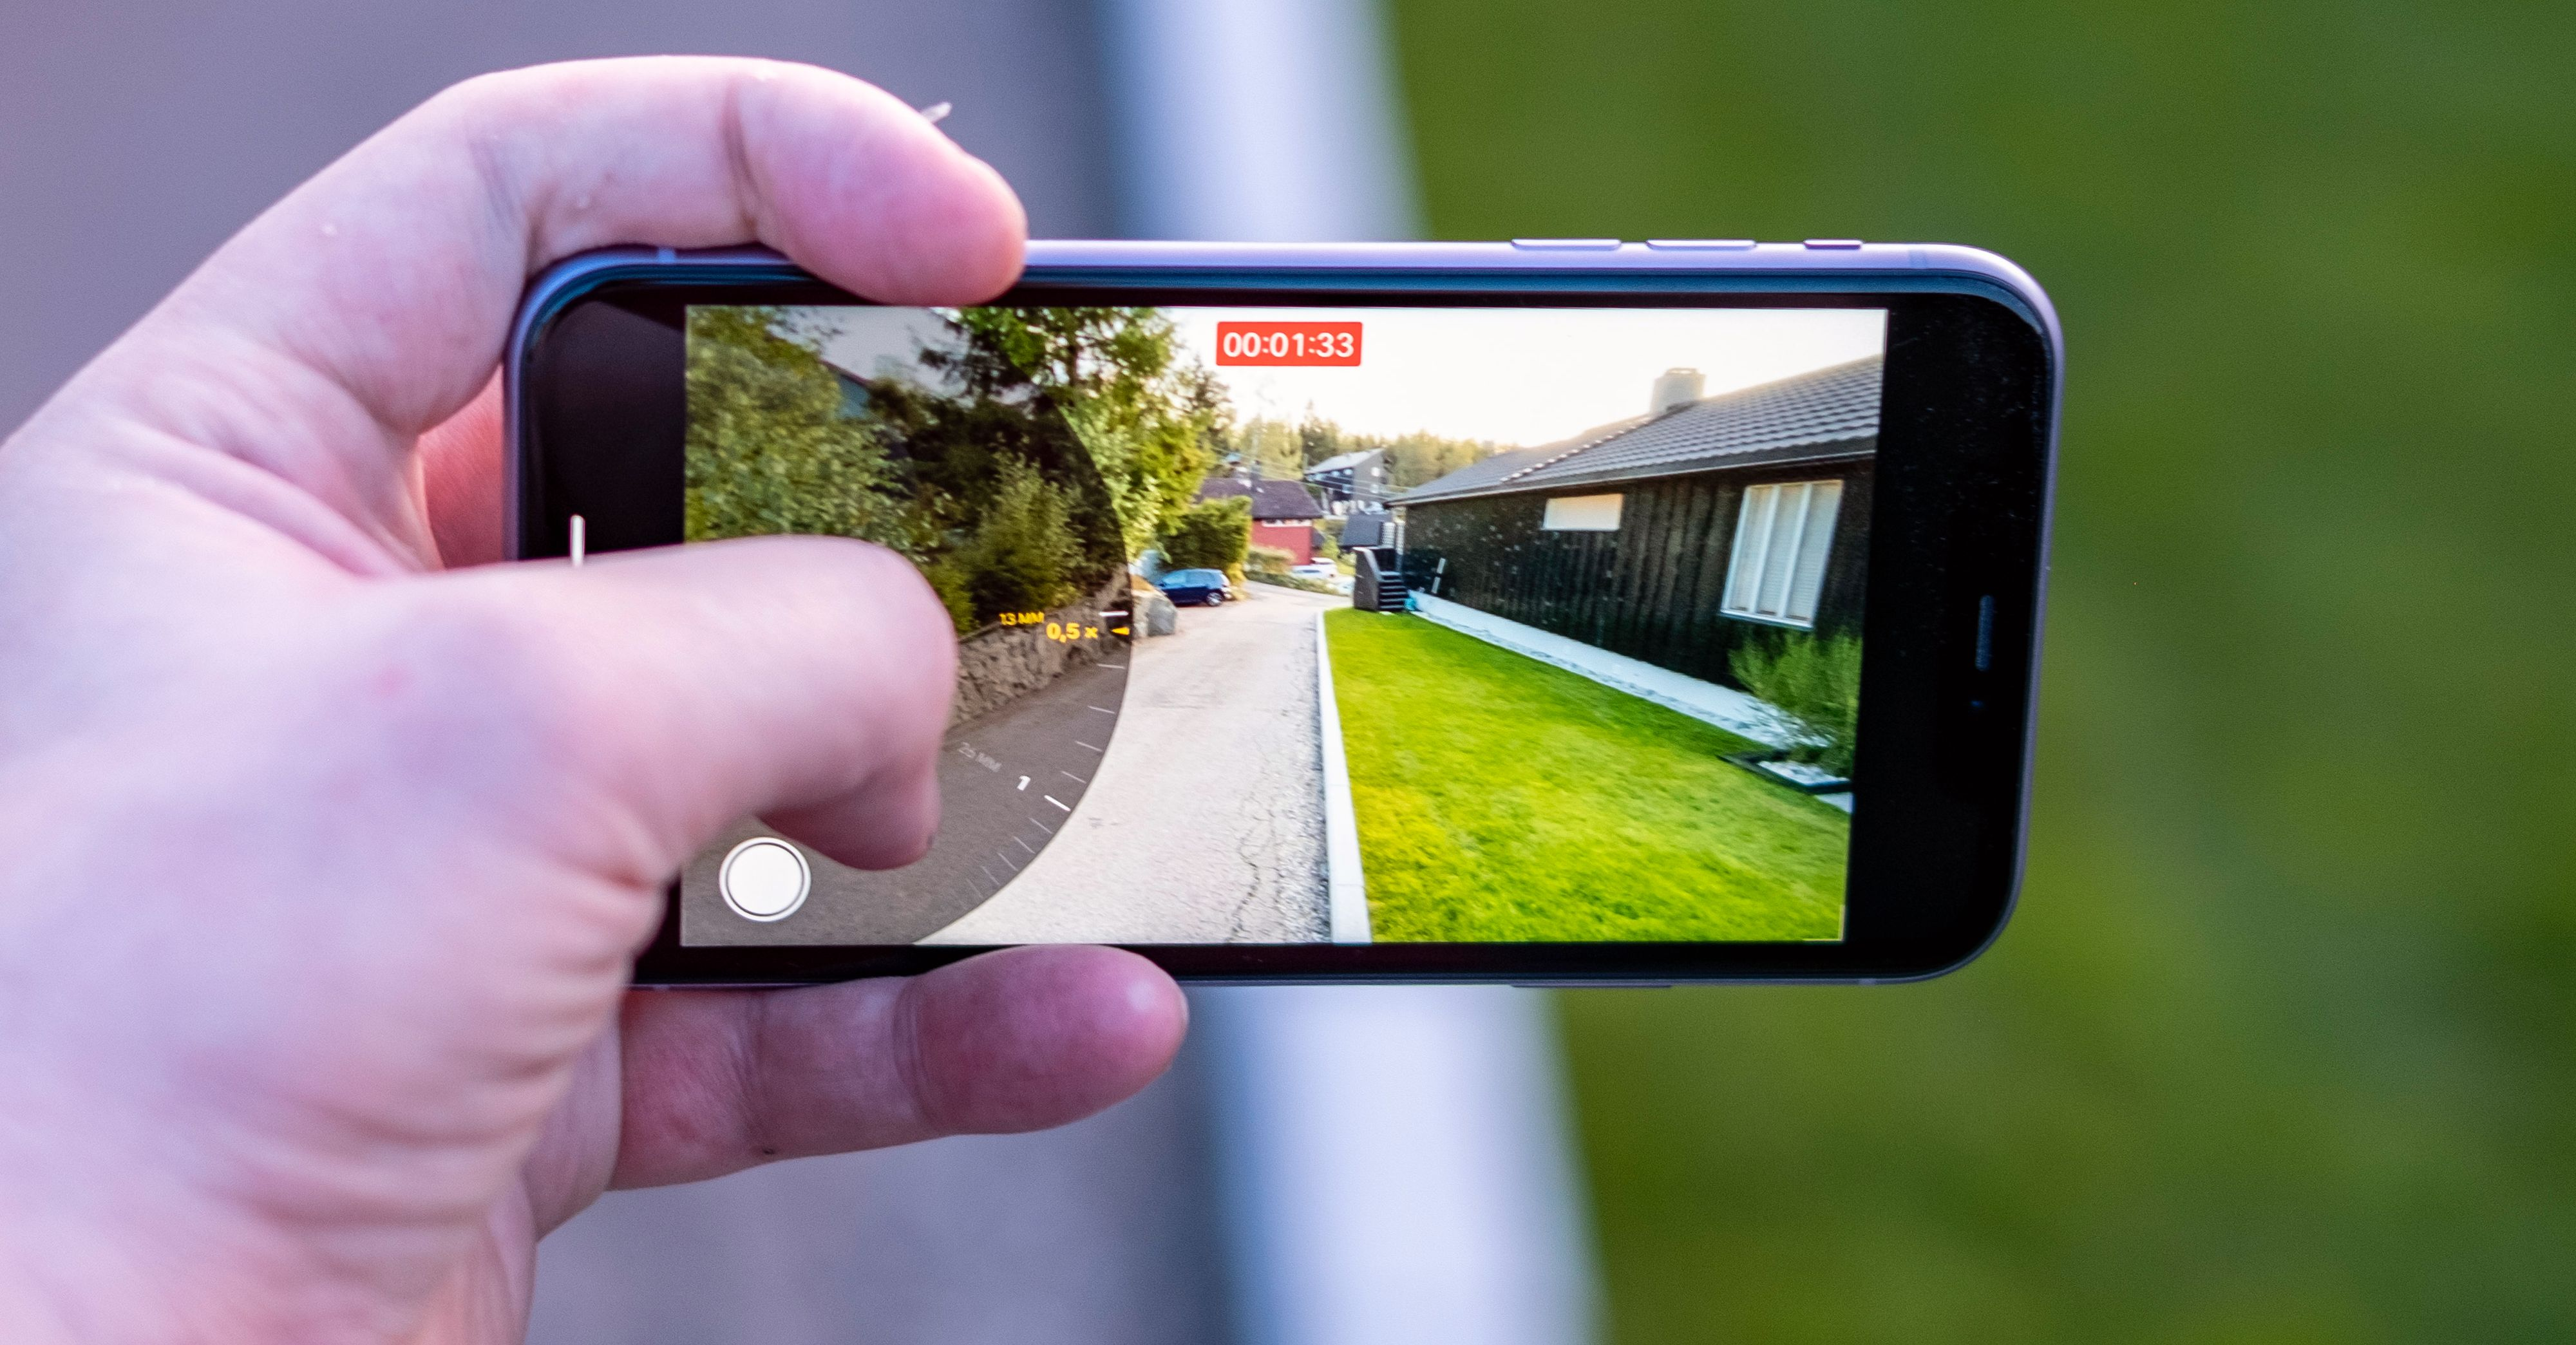 Når du filmer kan du zoome inn og ut fra vidvinkel til 3x zoom også med vanlig iPhone 11, selv om den ikke har optisk 2x-kamera. Det betyr at en større del av zoom-området er digitalt, men for det meste blir kvaliteten likevel helt grei i for eksempel video.